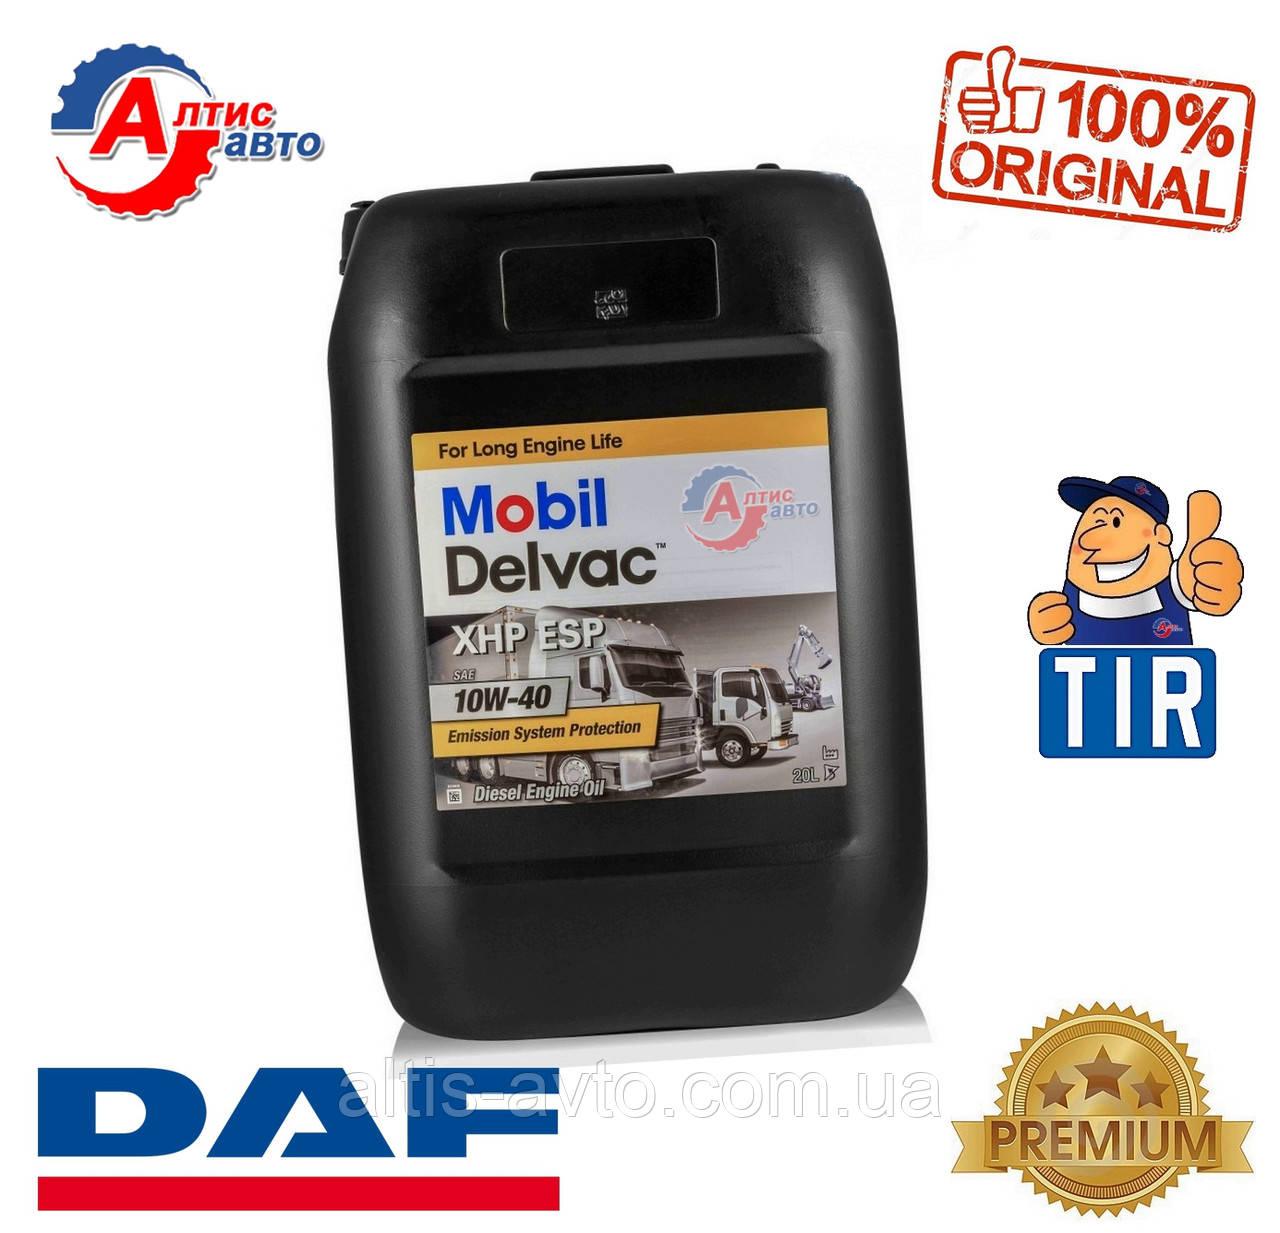 Моторное масло для DAF допуск Евро 5-2 вязкость 10W-40 Mobil CF/XF/LF для грузовиков тягача